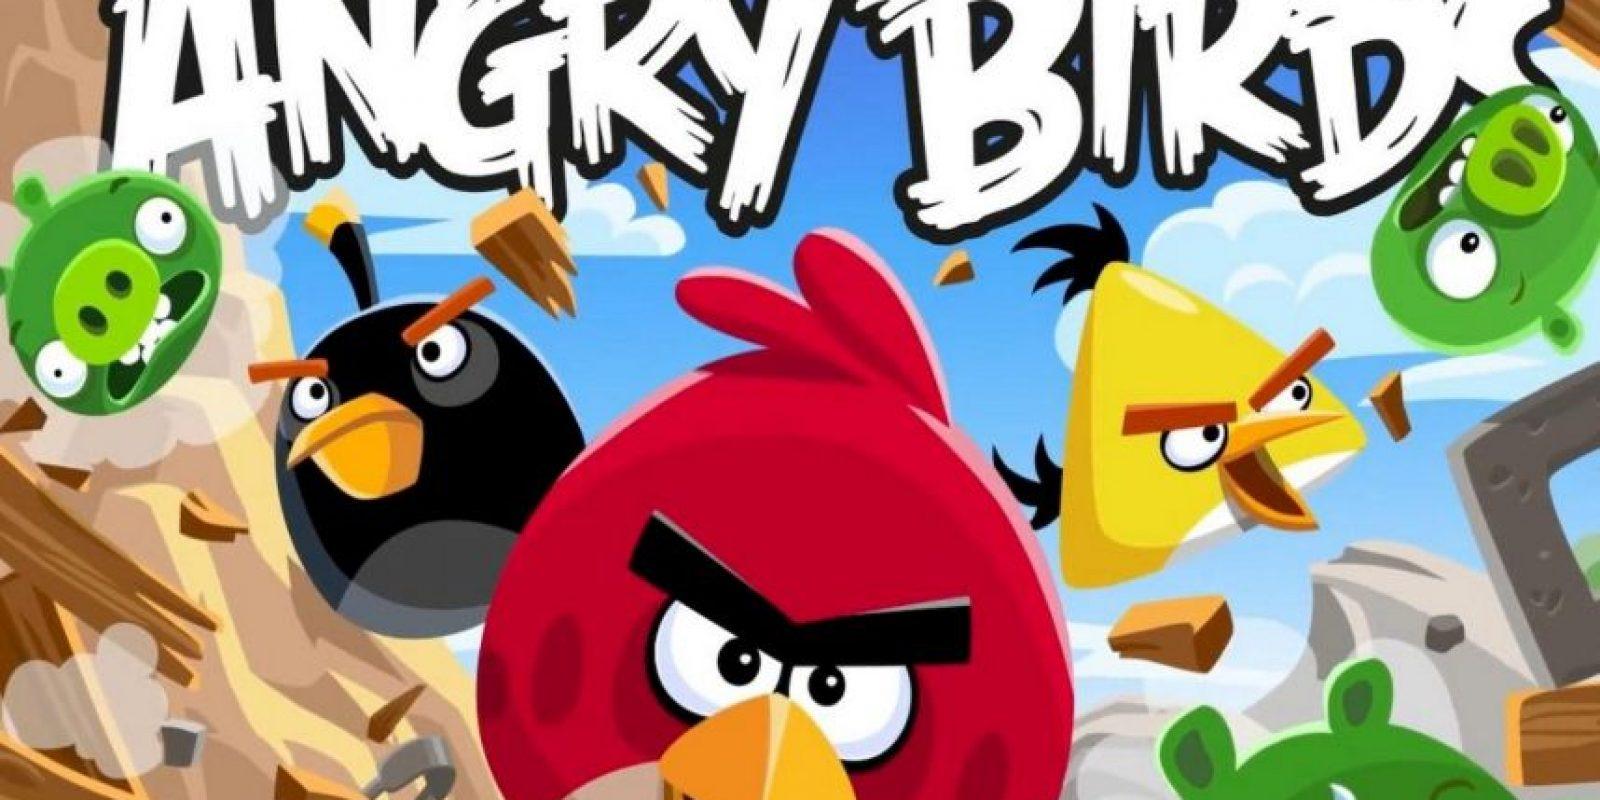 Angry Birds (2009). Foto:Rovio